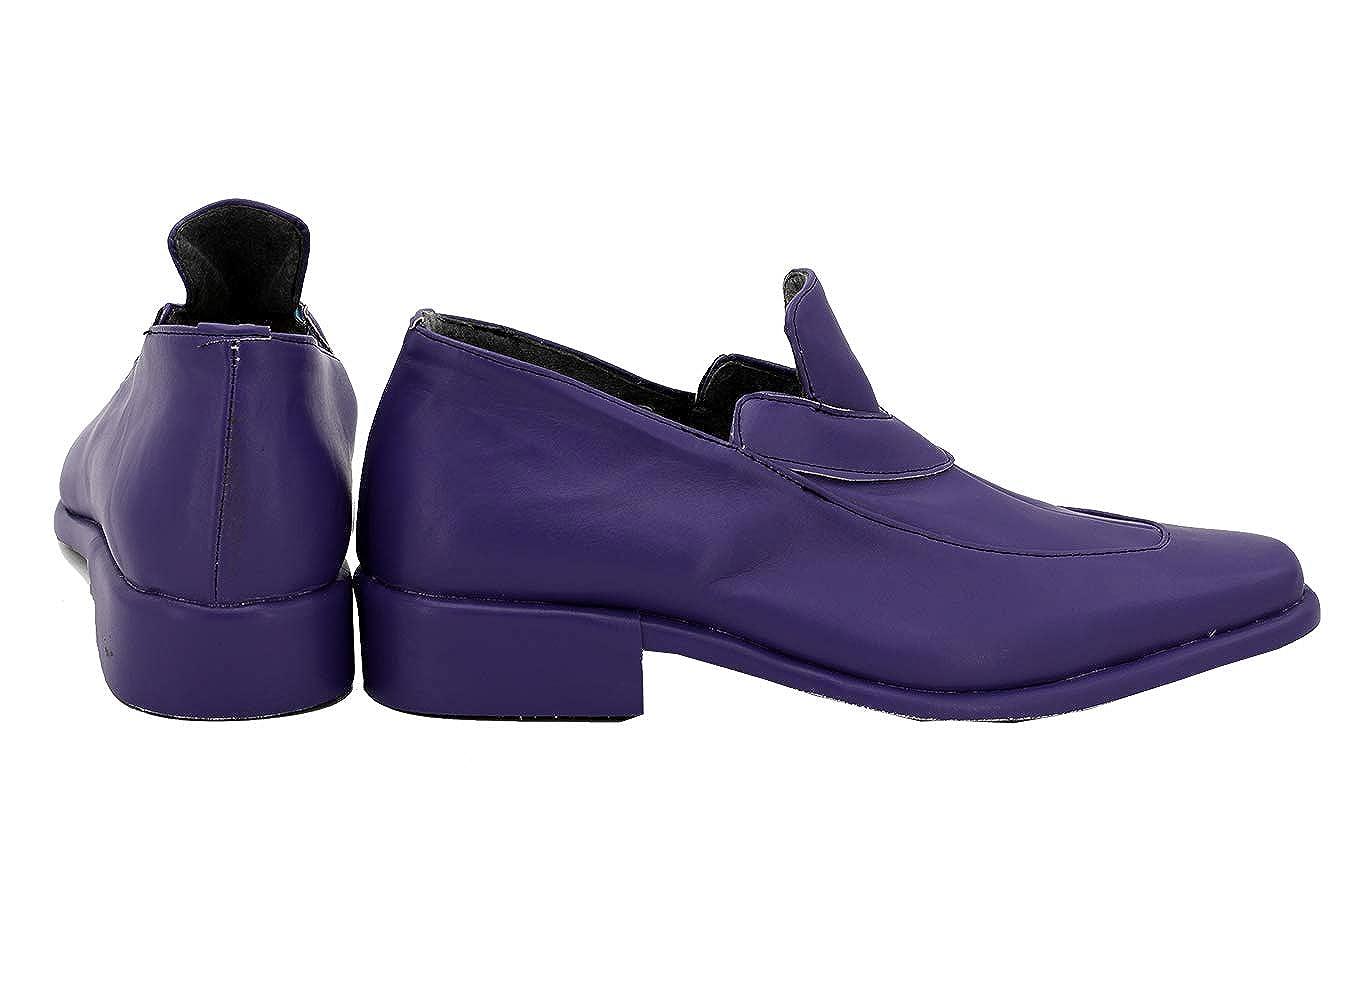 bebdc5ccb4a4 Amazon.com: Allten JoJo's Bizarre Adventure Leone Abbacchio Purple ...